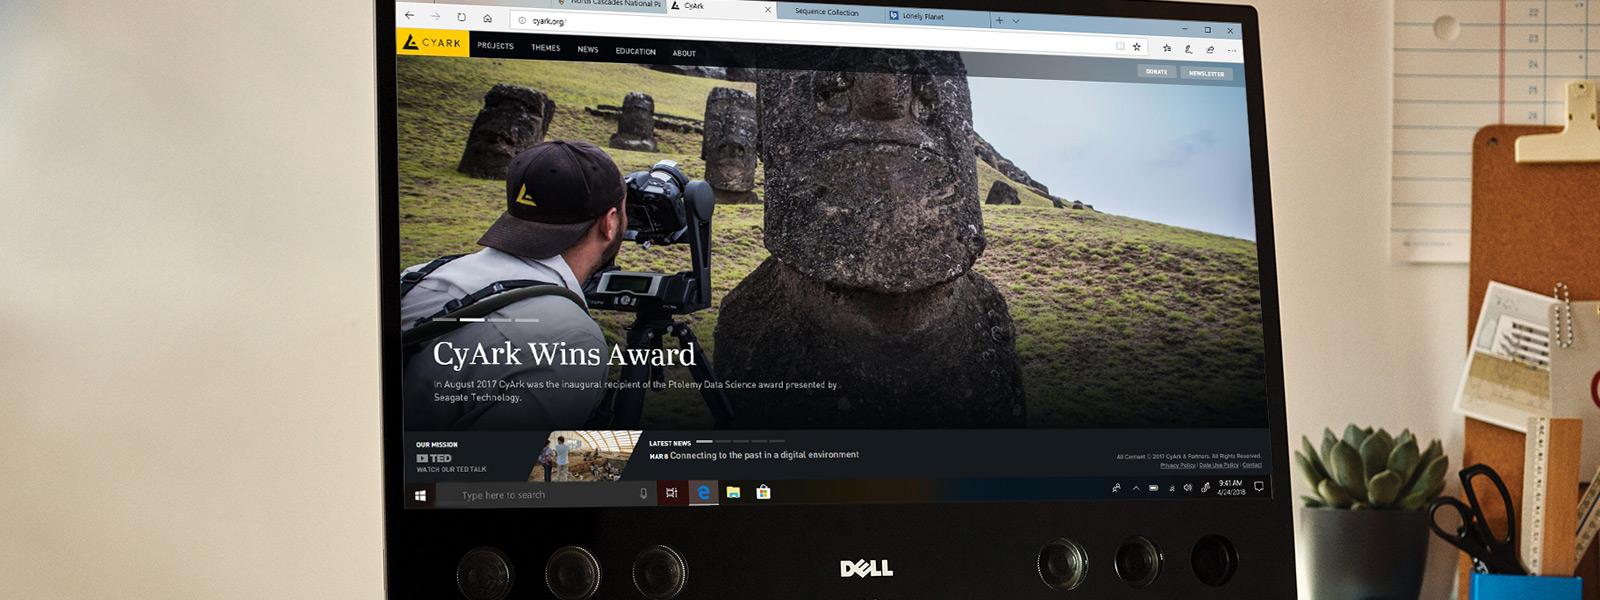 電腦螢幕放在桌上,顯示 Microsoft Edge 瀏覽器正在播放 4K Ultra HD 影片